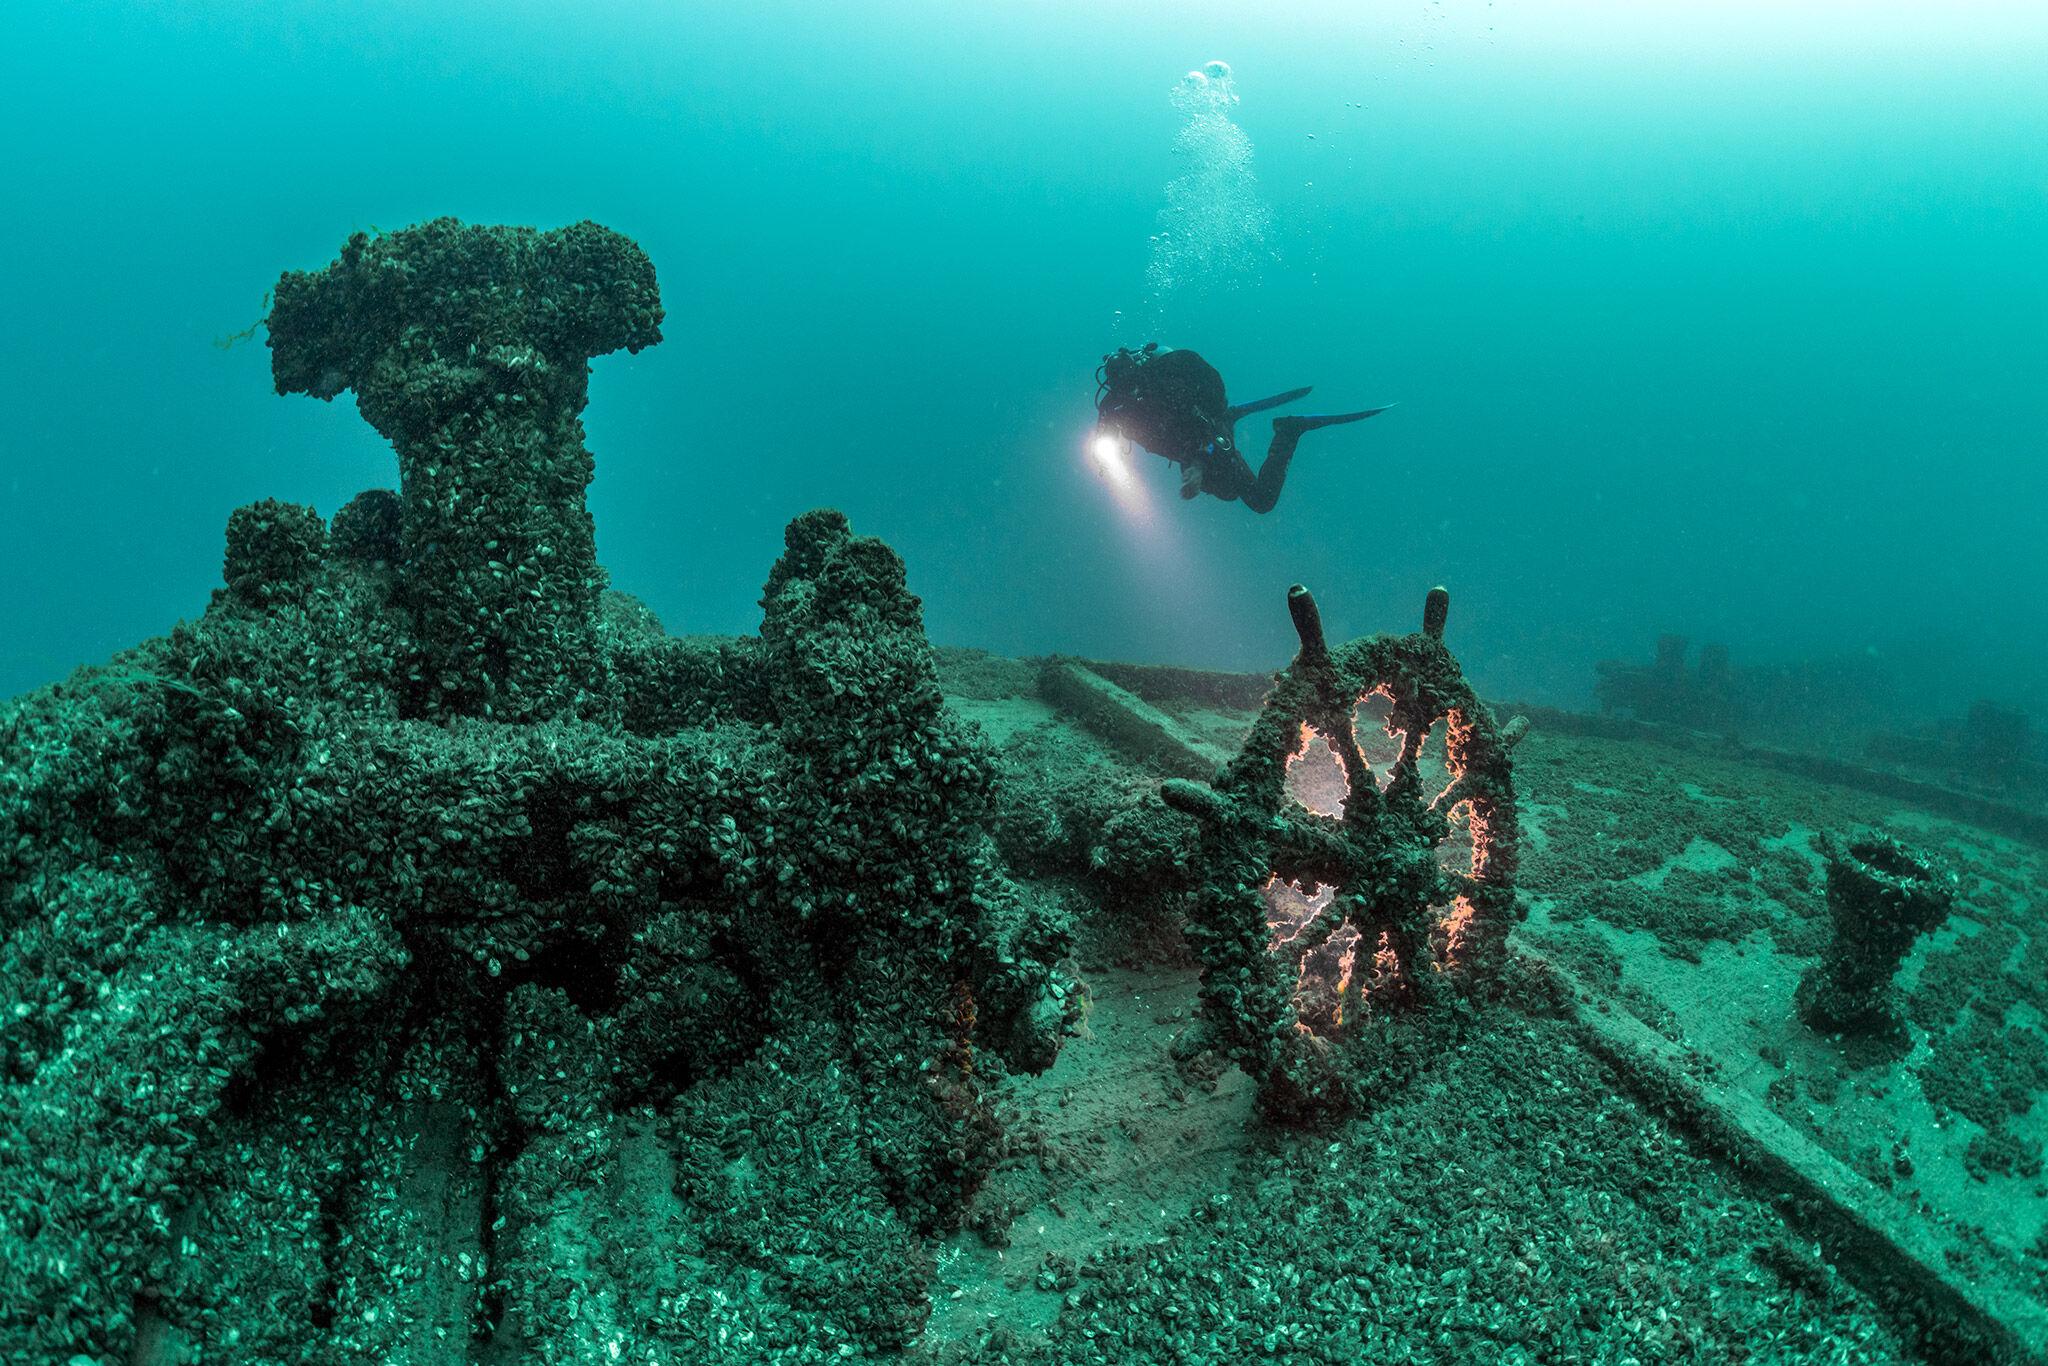 Vraket av William Young, Straits of Mackinac, USA